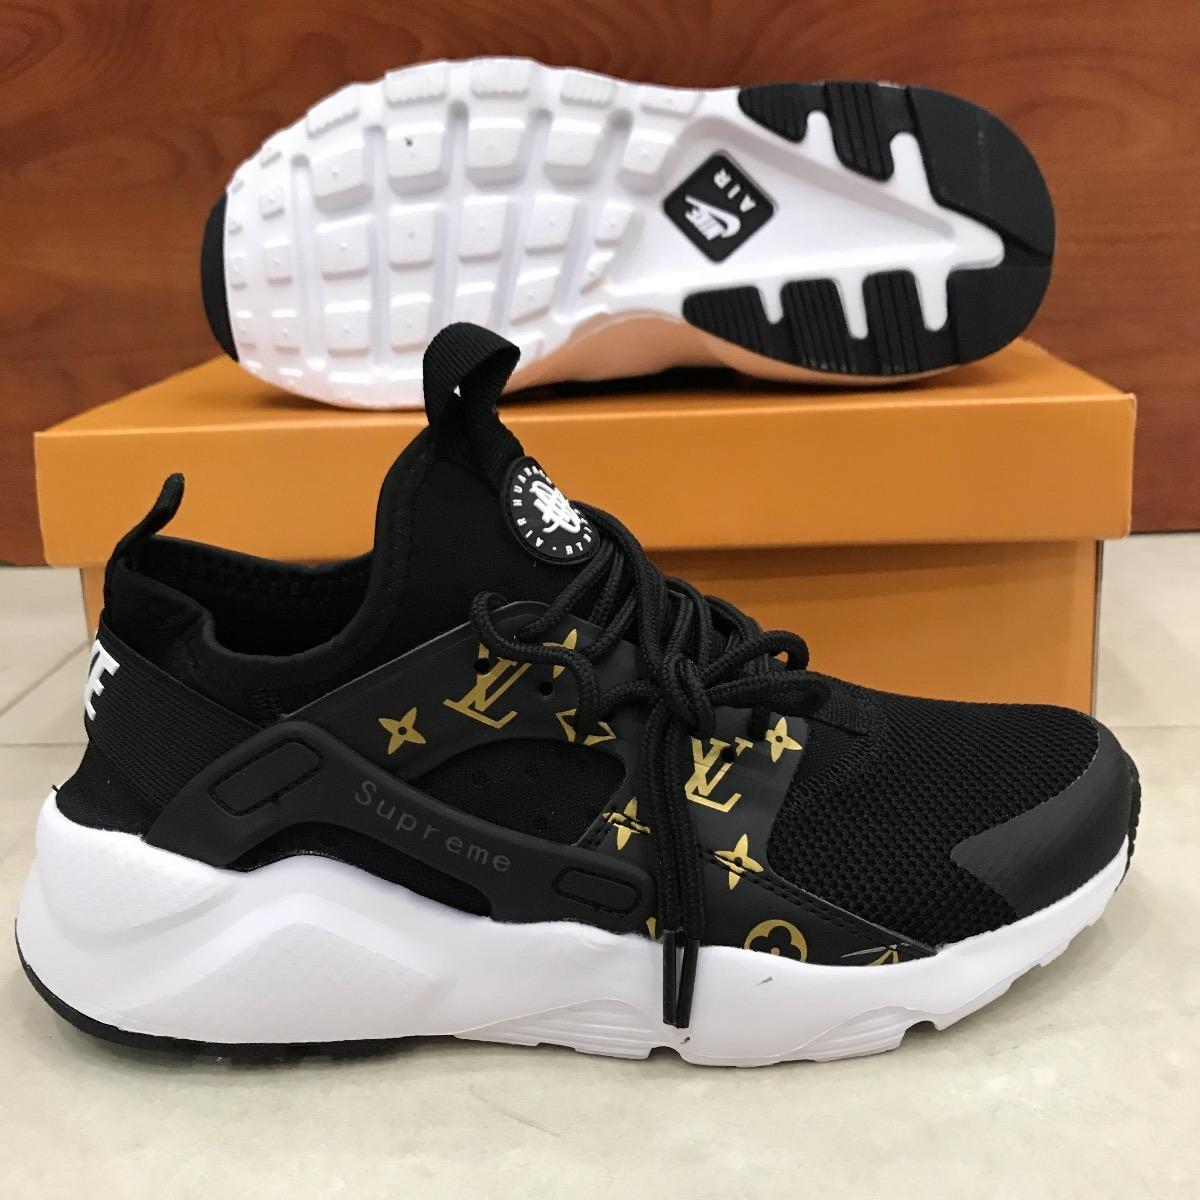 14be035e6b81 zapatos deportivos nike huarache louis vuitton caballero. Cargando zoom.